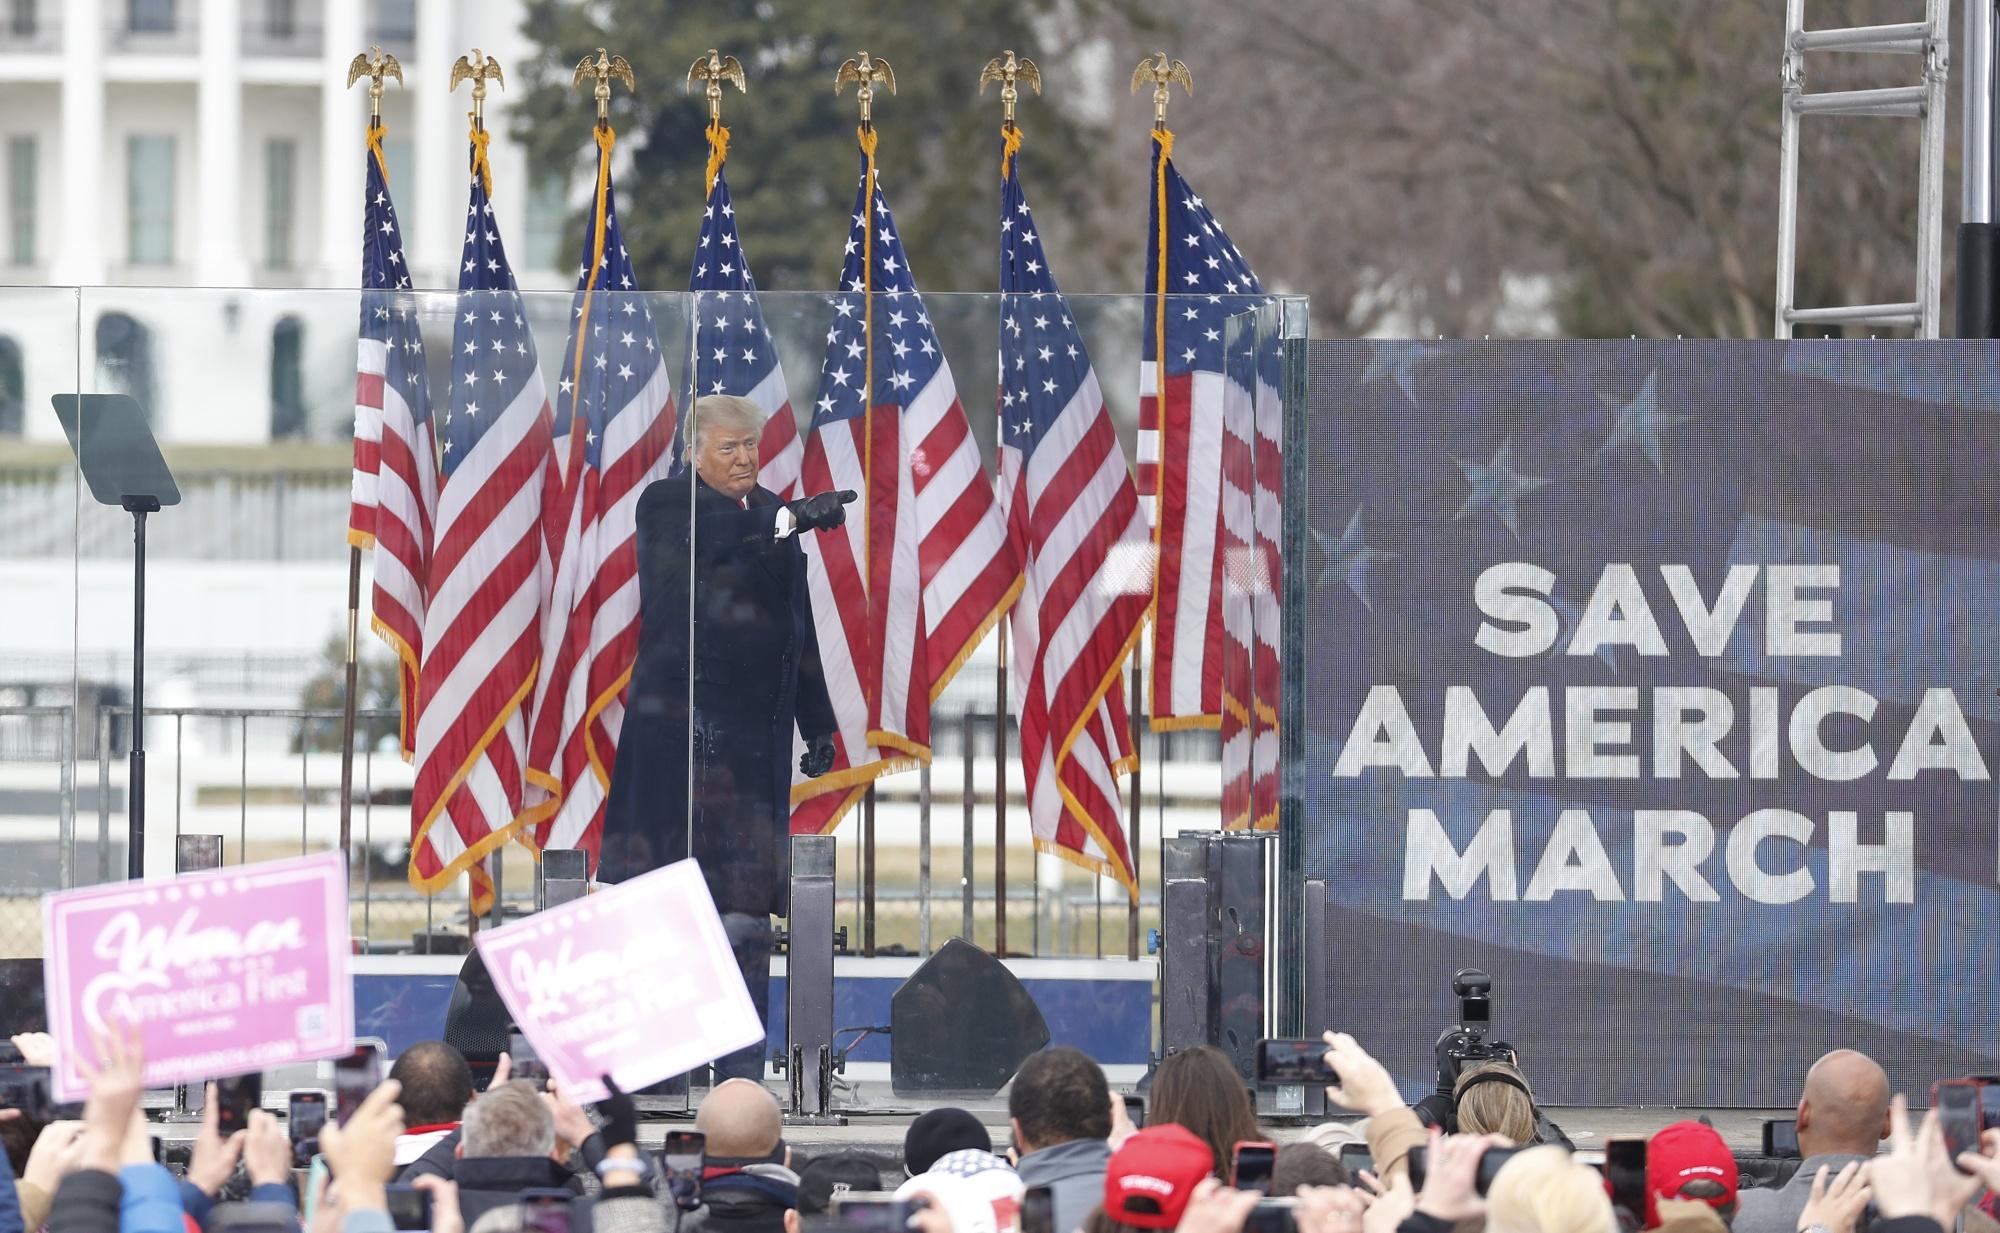 特朗普总统在拯救美国集会上发表讲话